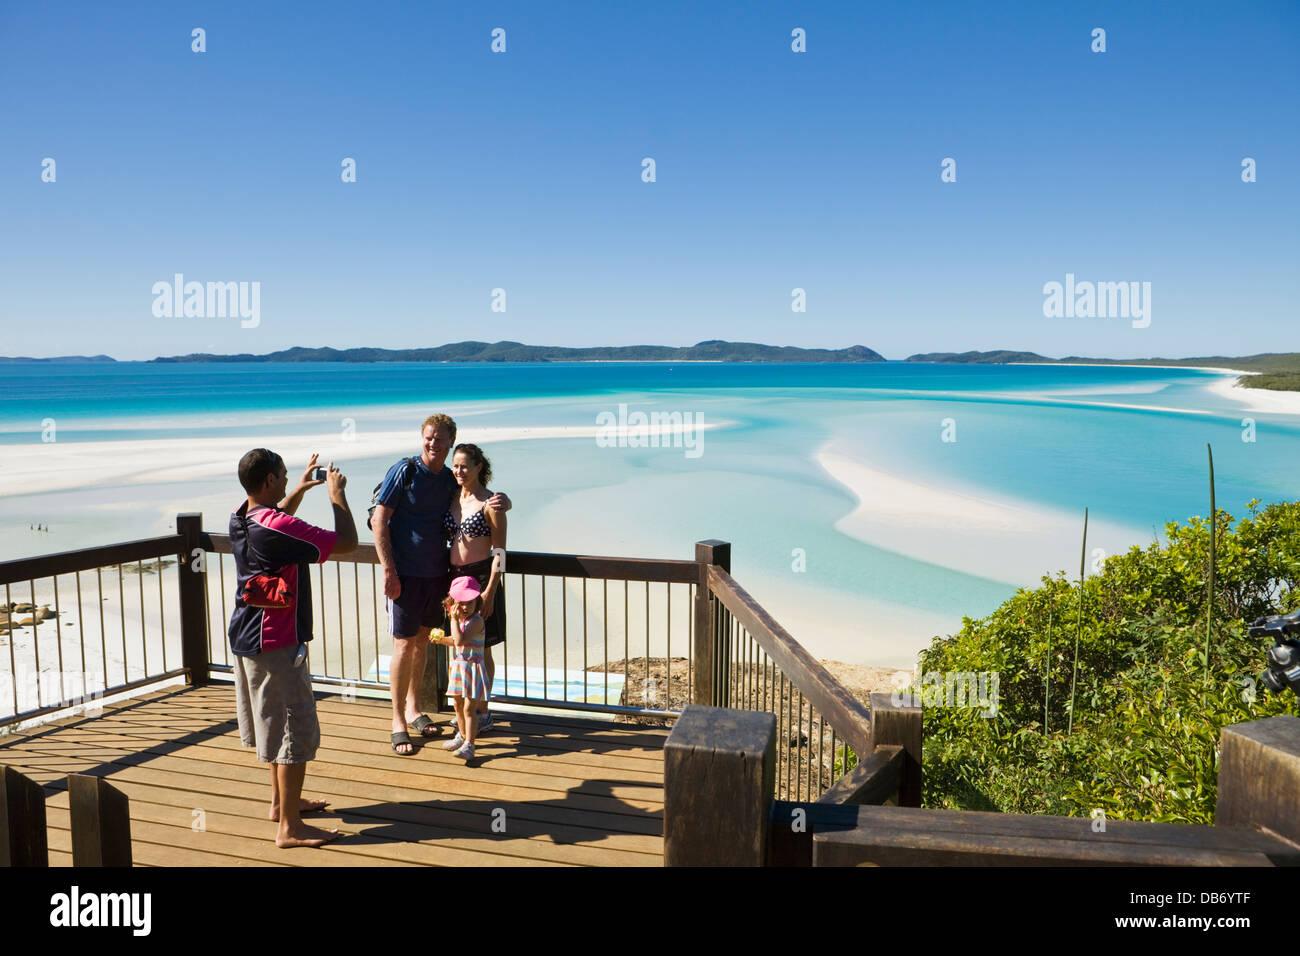 Familia en el pintoresco mirador con vistas a la colina y la entrada a la Playa Whitehaven. La Isla Whitsunday, Foto de stock